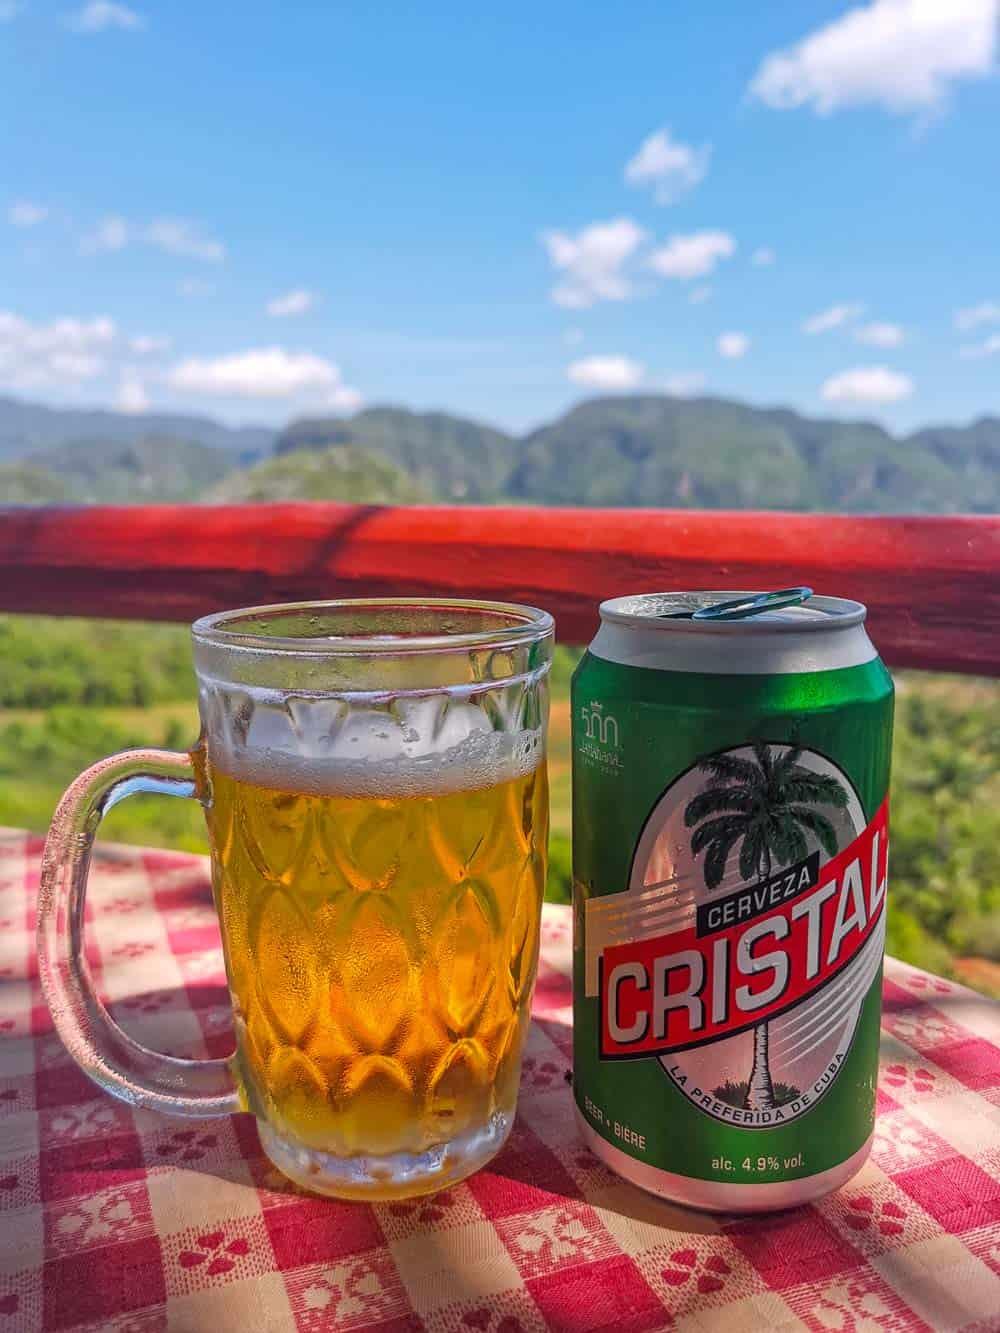 Cristal beer in Cuba